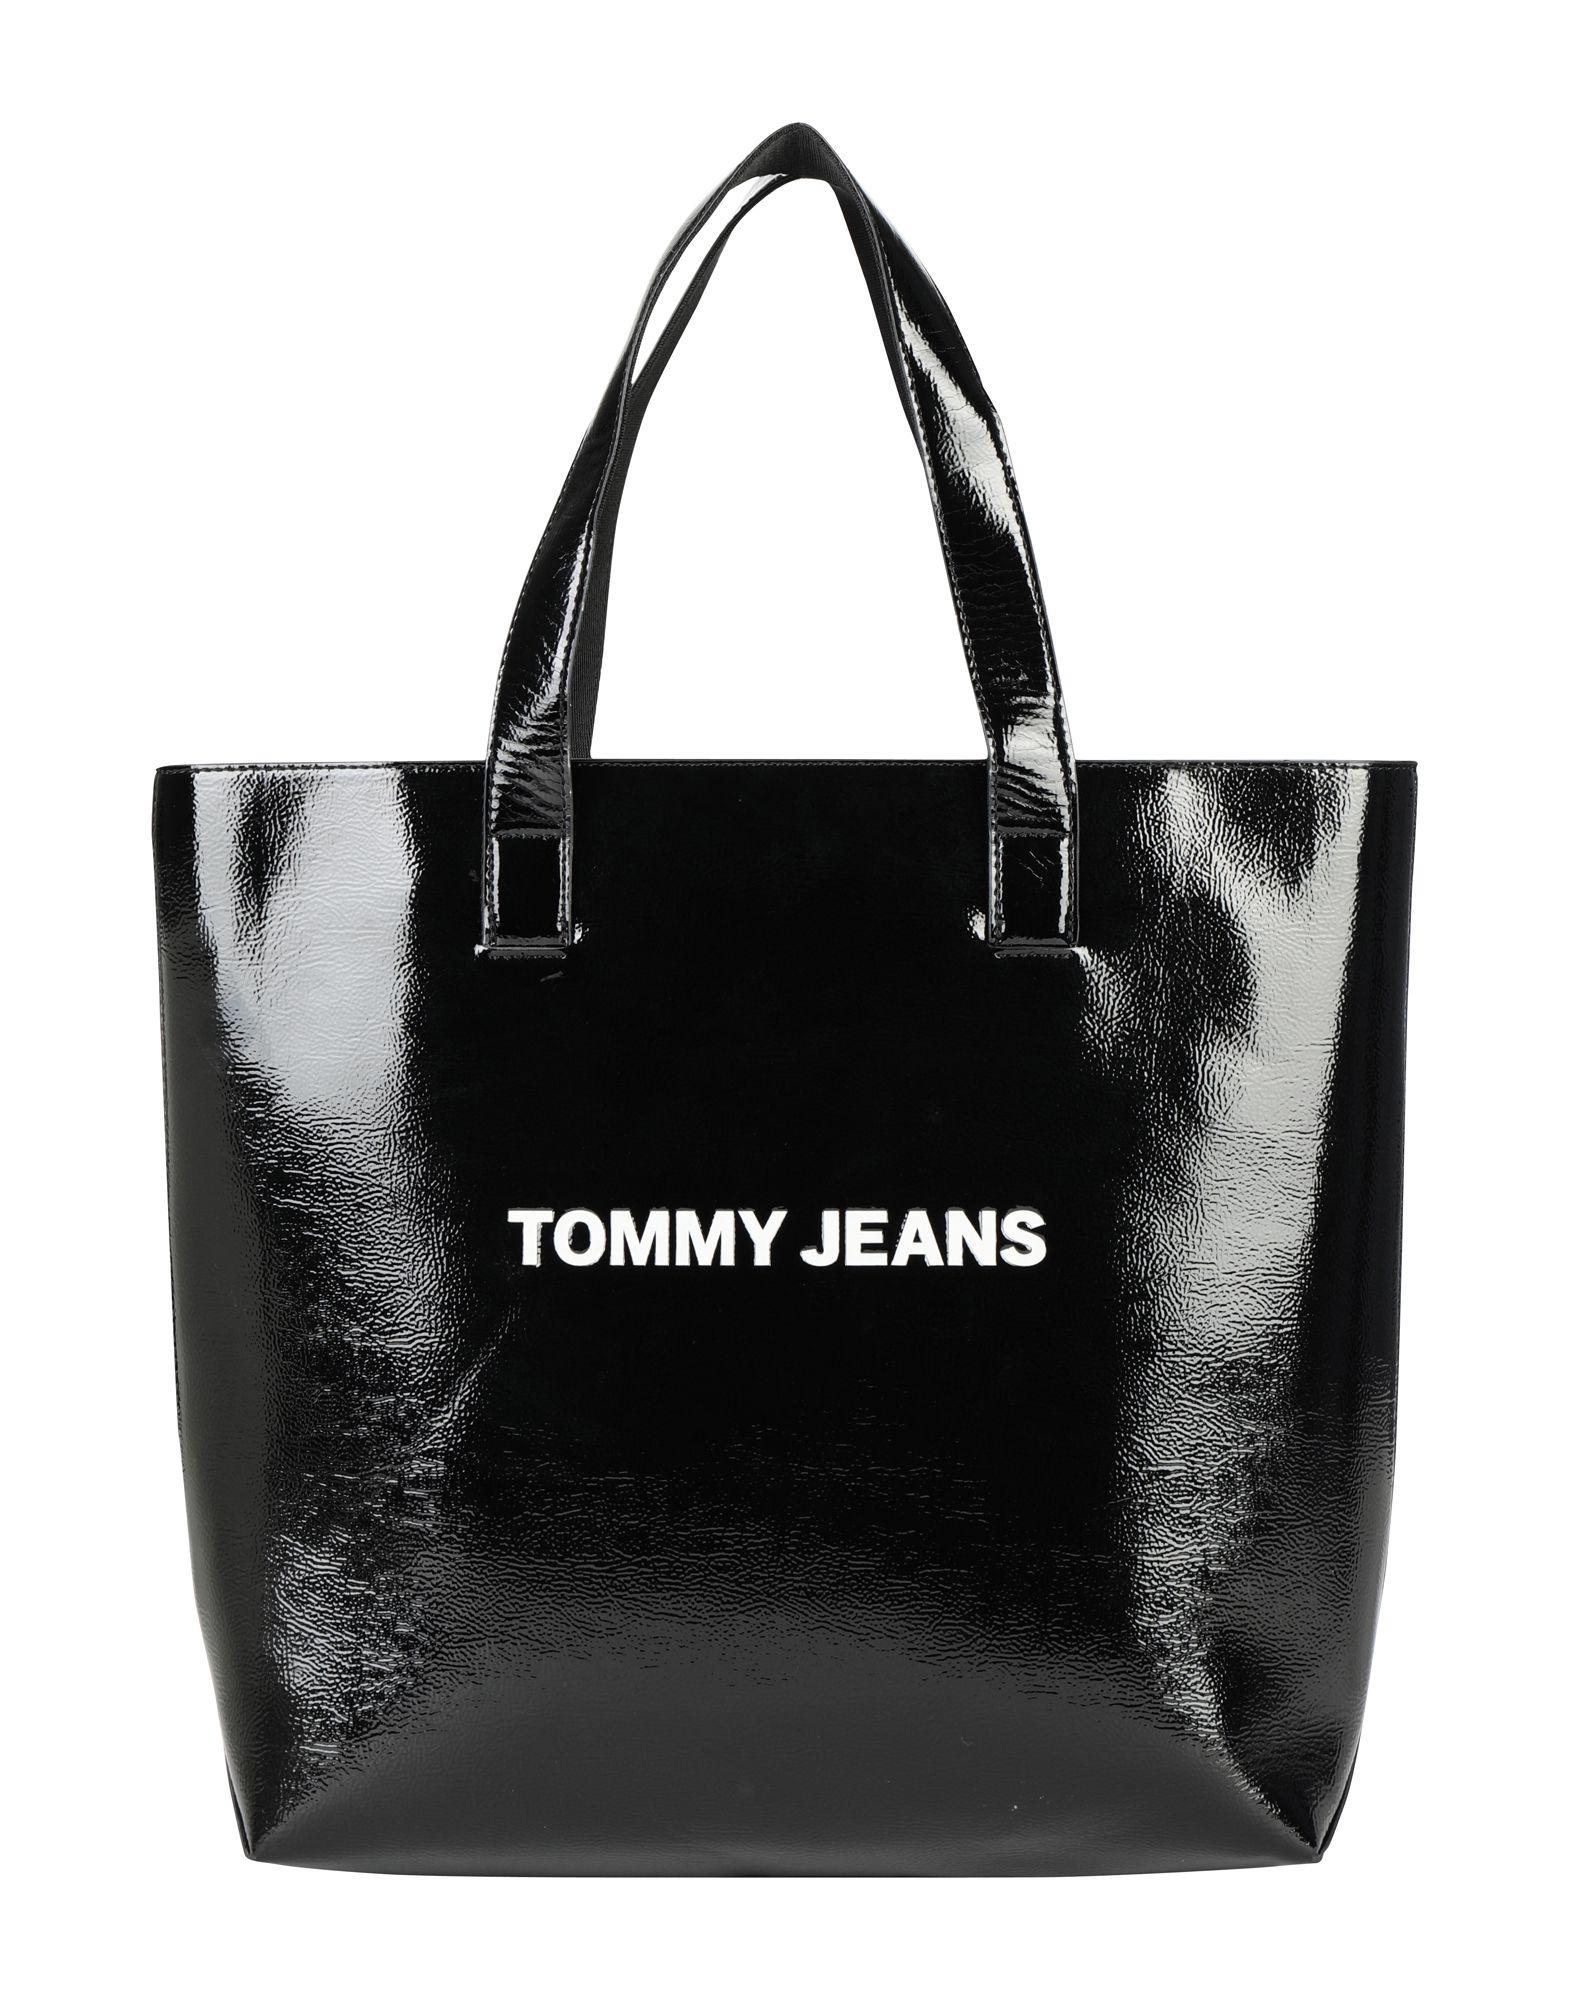 《送料無料》TOMMY JEANS レディース ハンドバッグ ブラック ポリウレタン 100% TJW MODERN GIRL TOTE